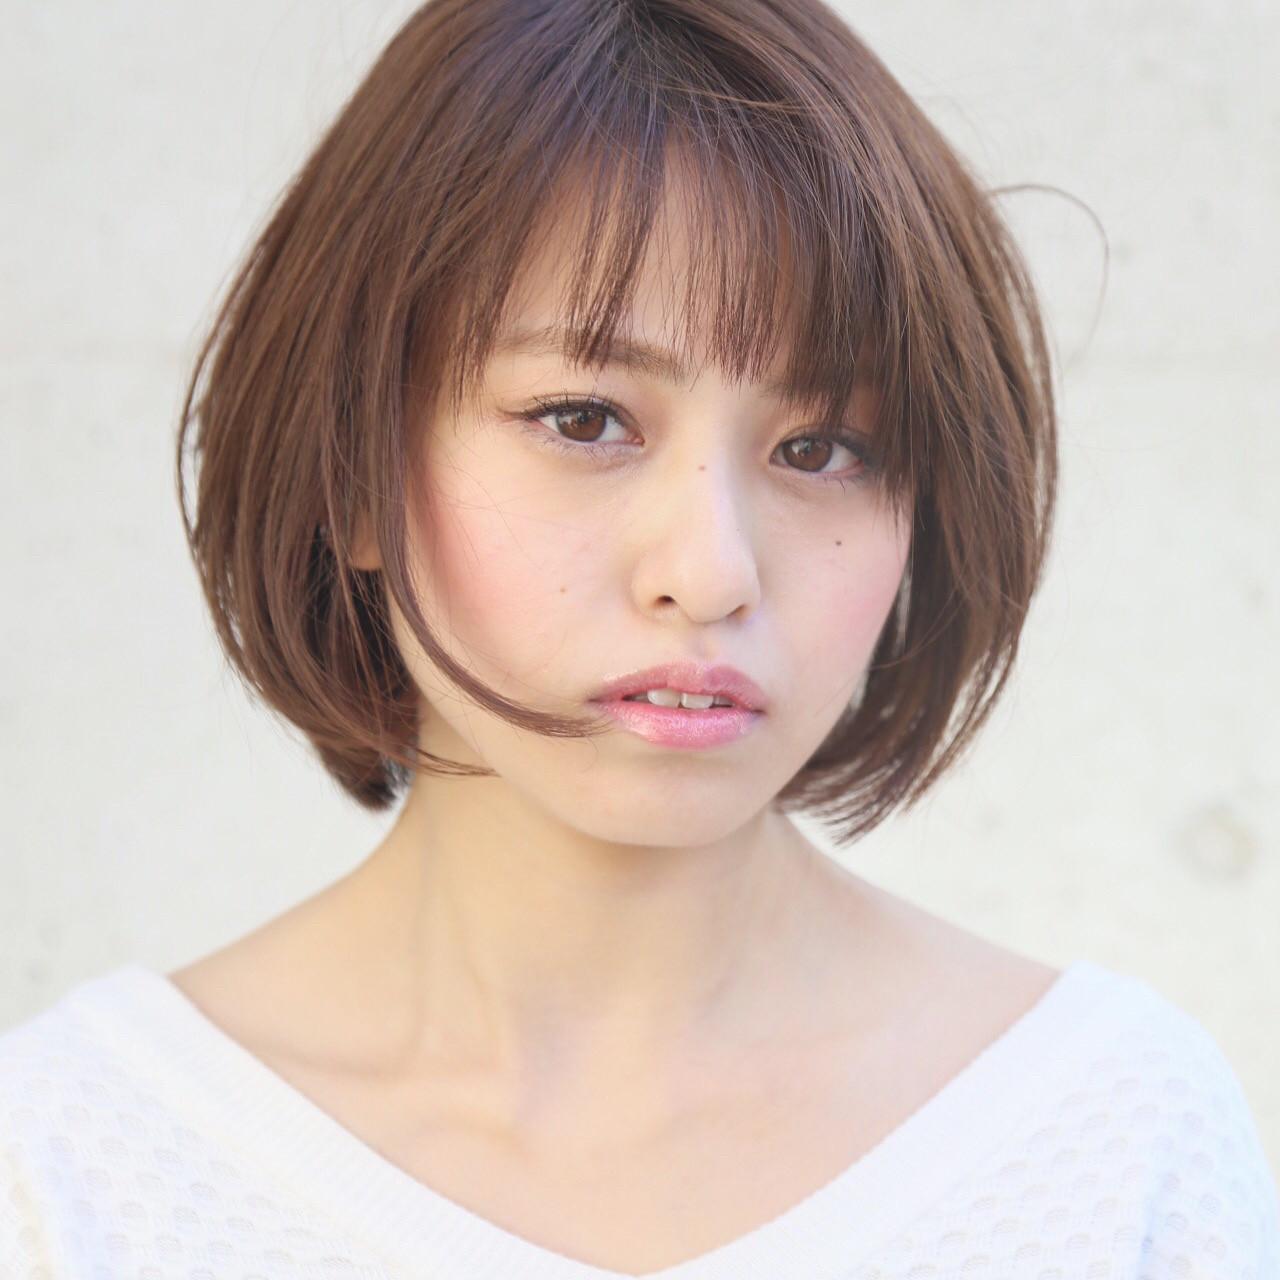 【顔型診断】顔の形で分かる!自分に似合う髪型って何?♡ 高橋ジロウ / ROENA 原宿.表参道 | ROENA